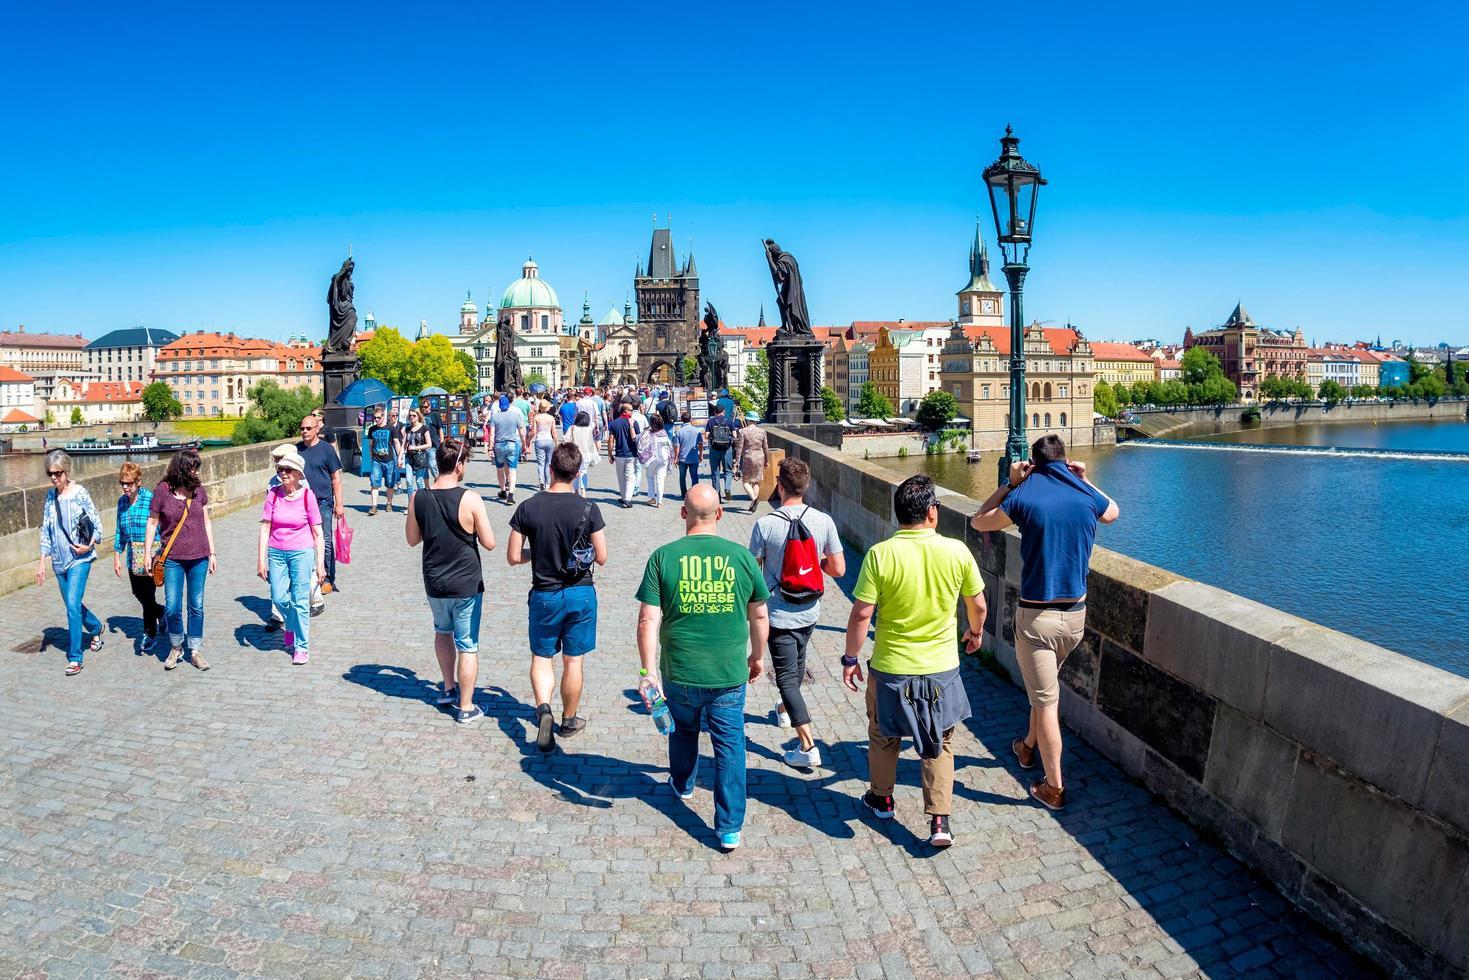 2017 praga, república checa - turistas que caminan por el puente de carlos mientras hacen turismo foto